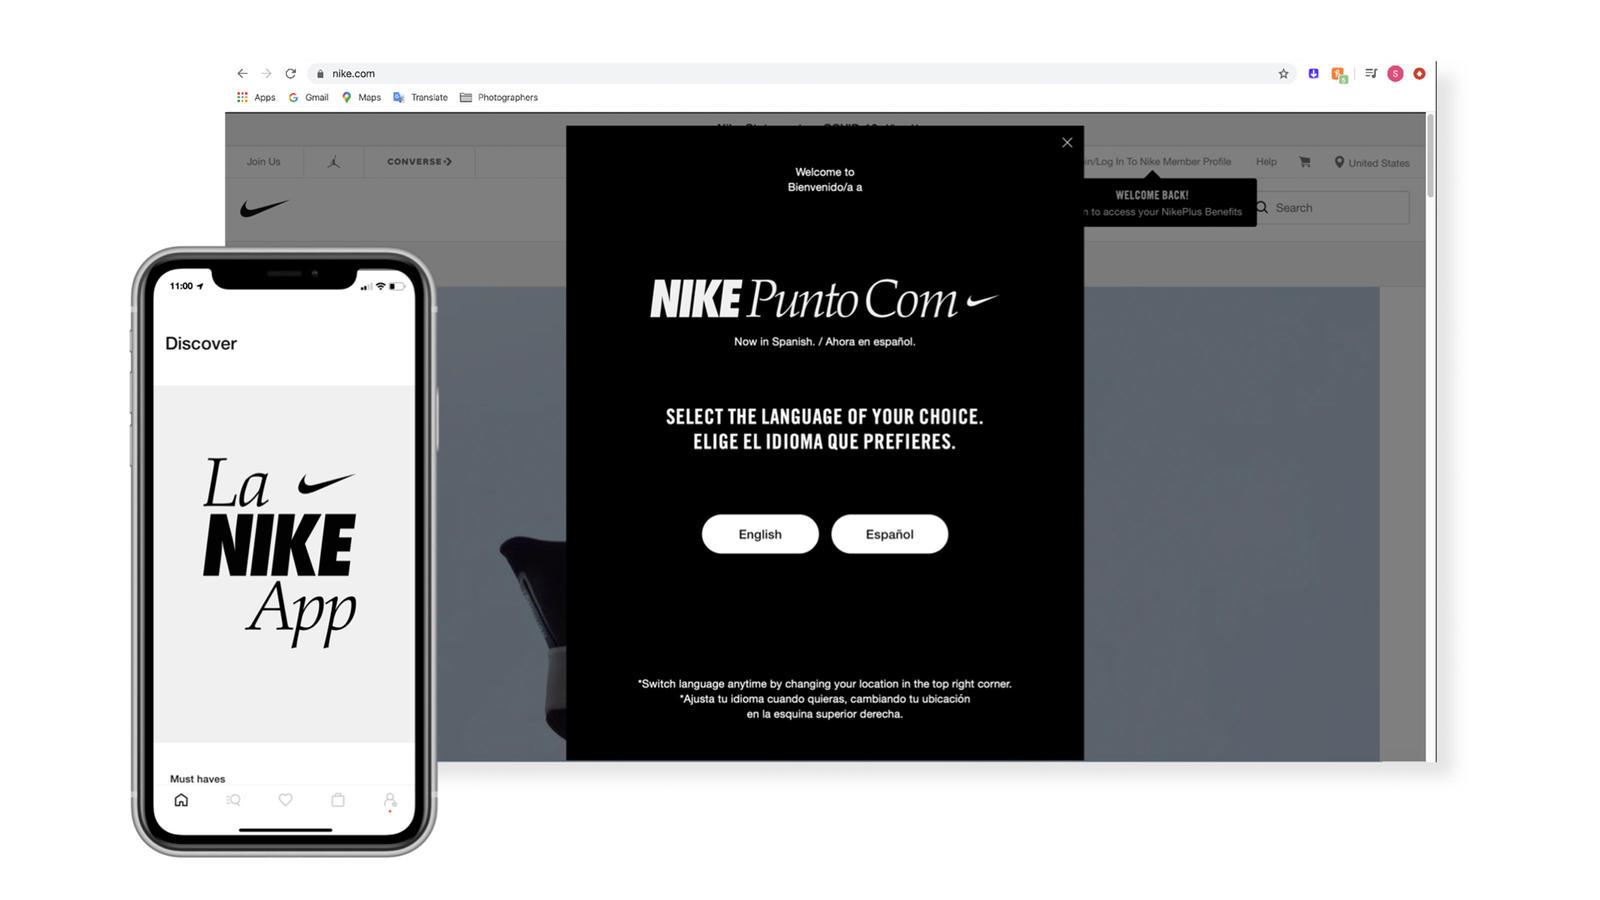 nike.com-nike-app-spanish-language-option-united-states